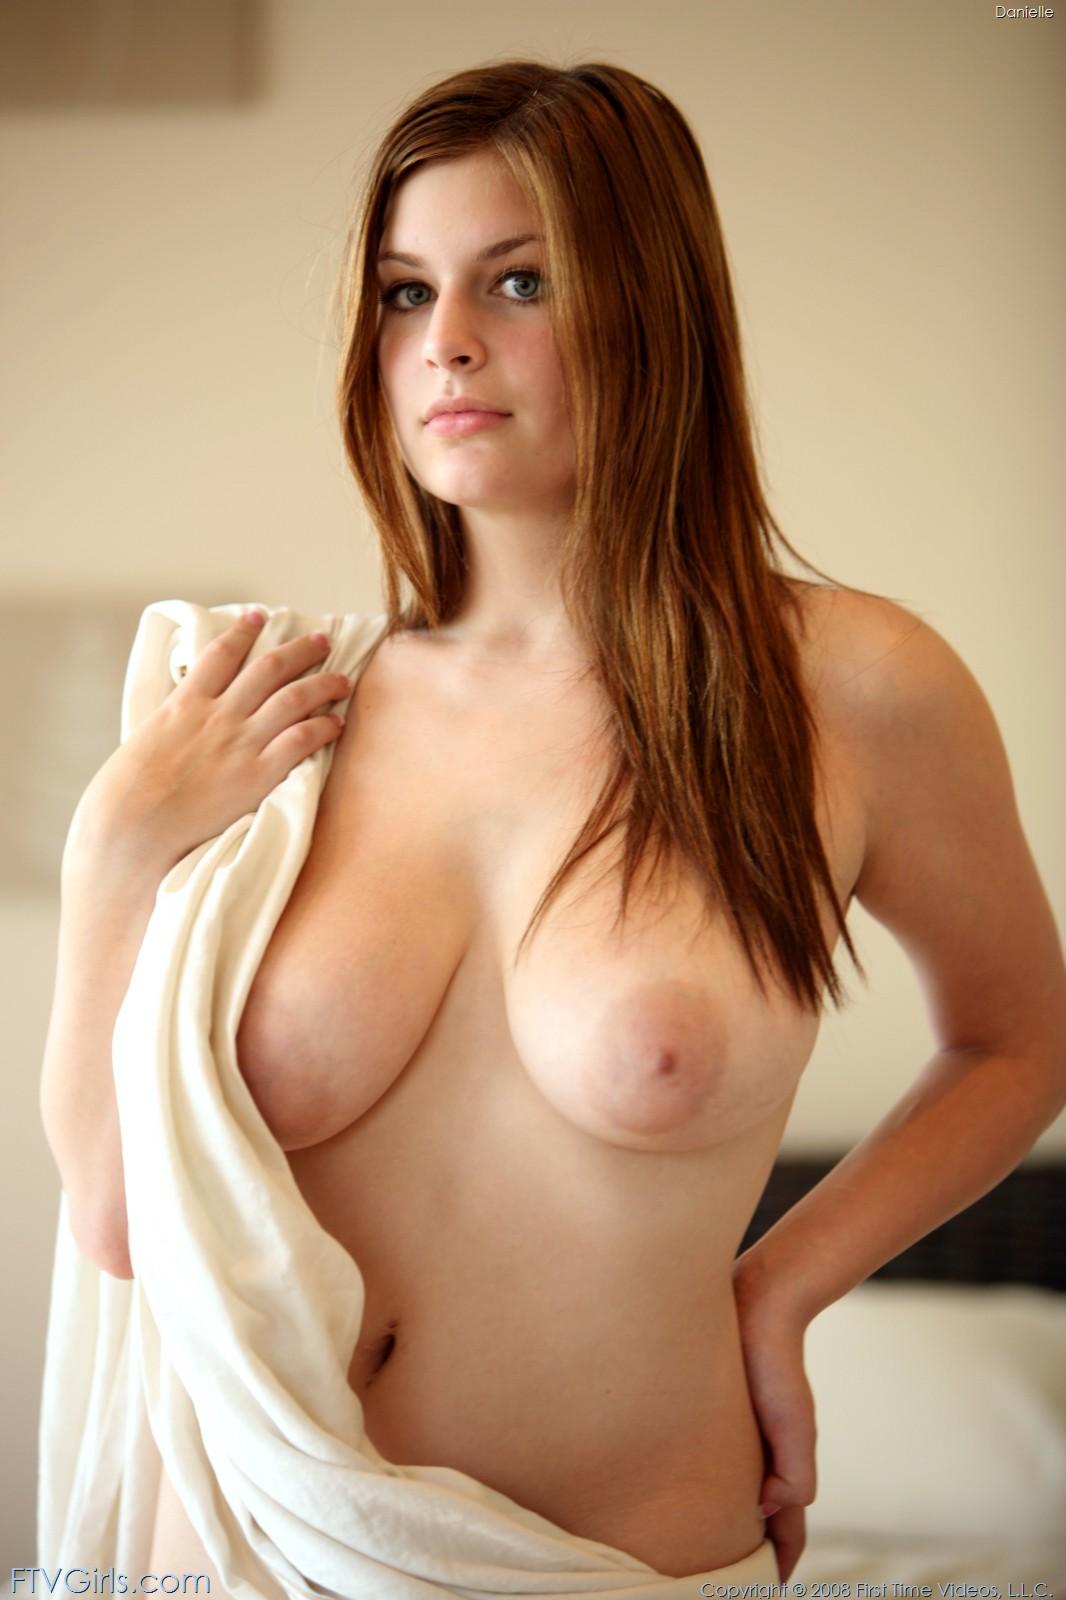 Ftv naked model